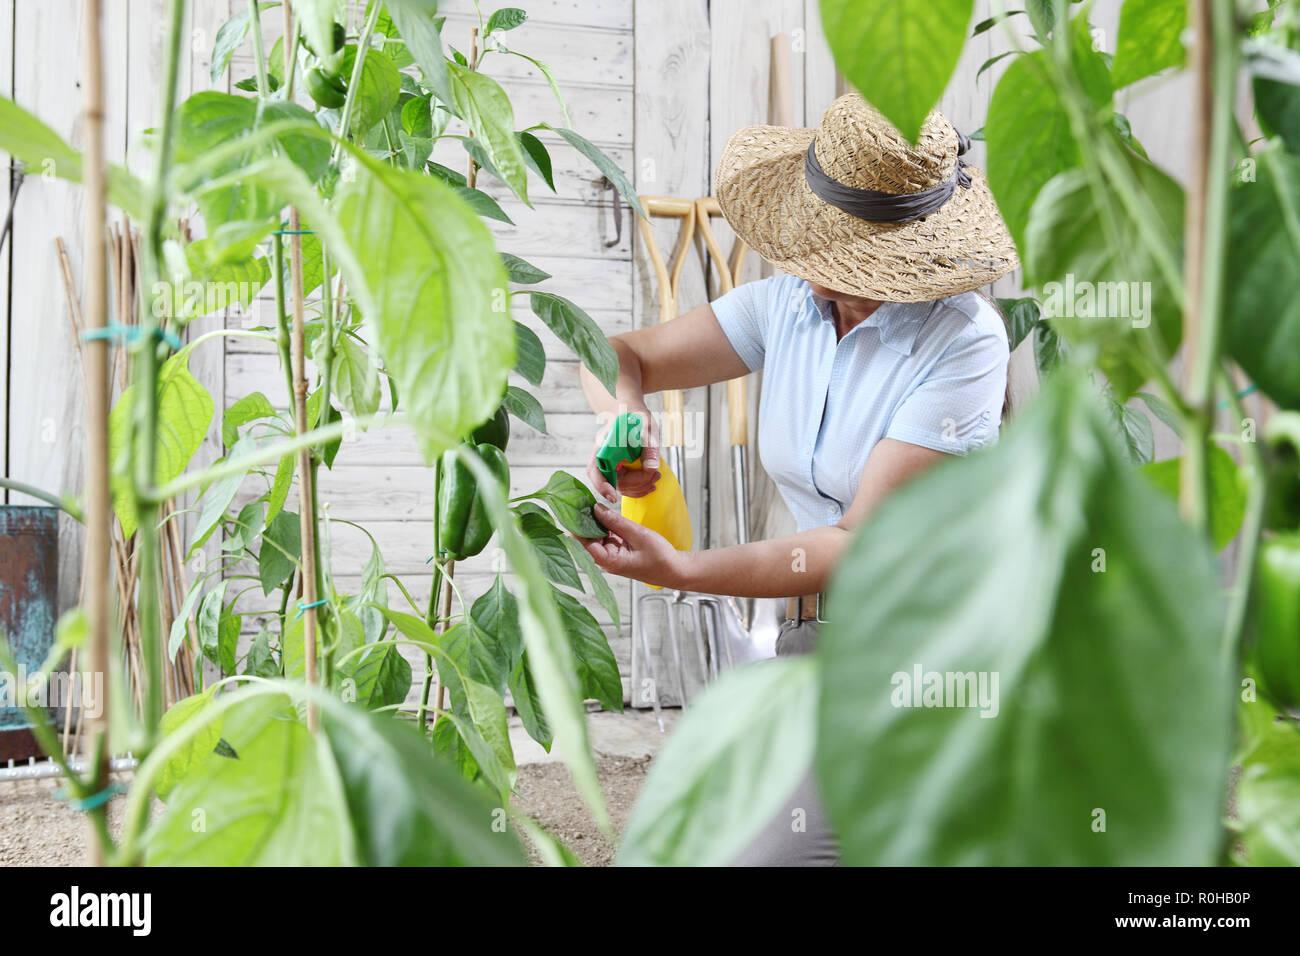 Mujer en huerta rocía plaguicida en la hoja de la planta, el cuidado de las plantas de crecimiento concepto Foto de stock